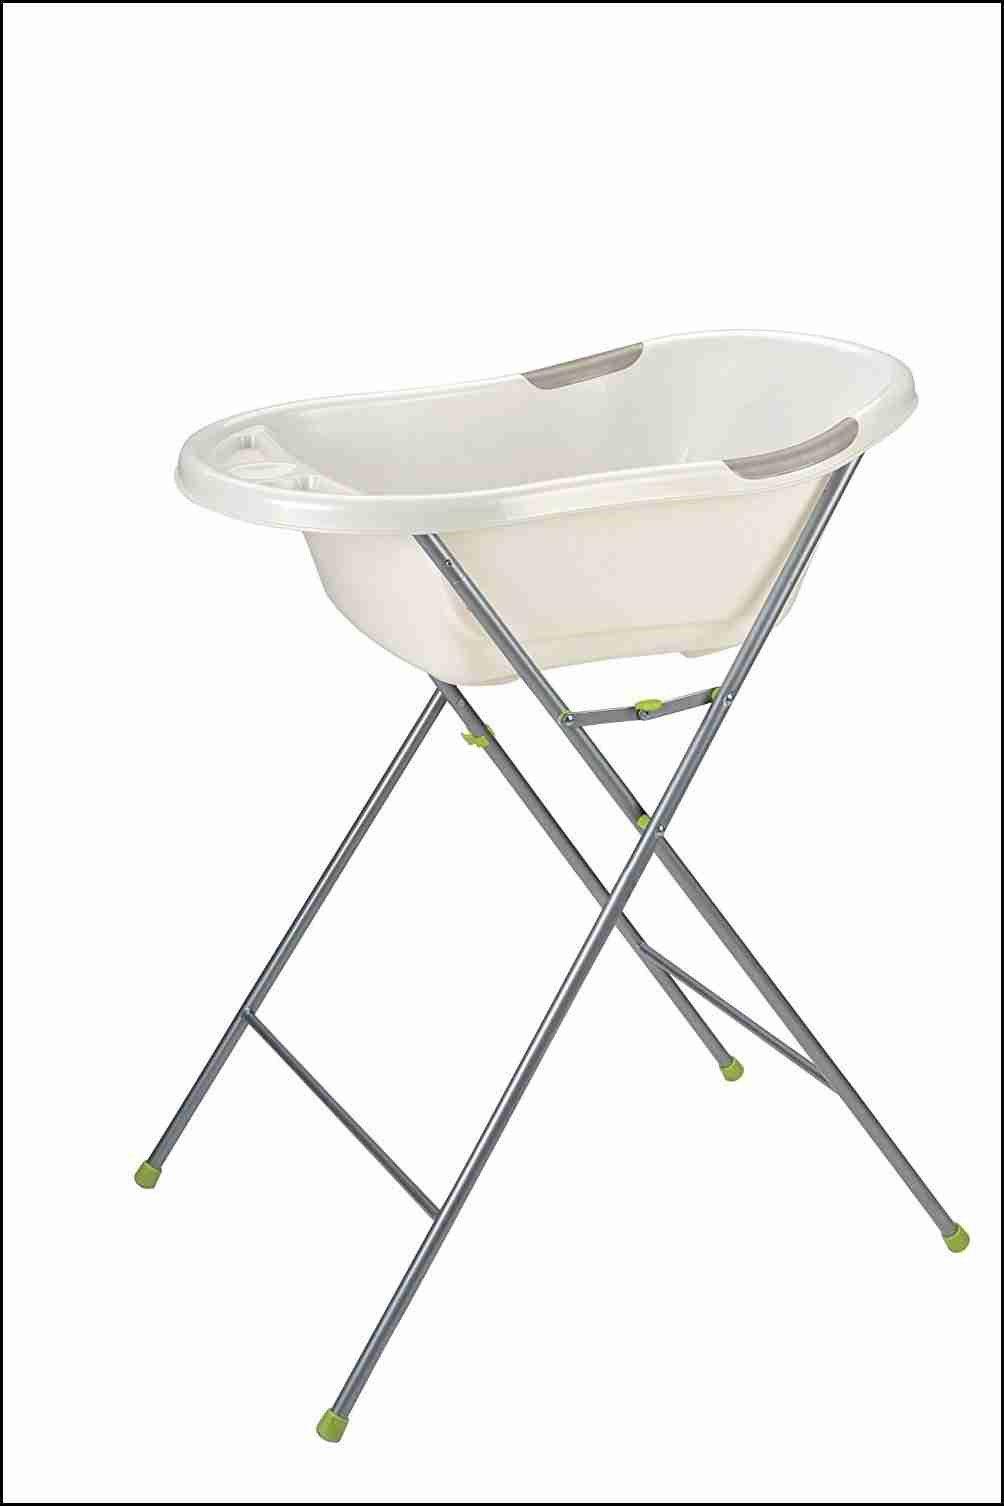 Lit Superposé Avec Bureau Meilleur De Chaise Table Bébé Cuisine Pour Bebe Lovely Lit Ikea Bebe 12 Superpos